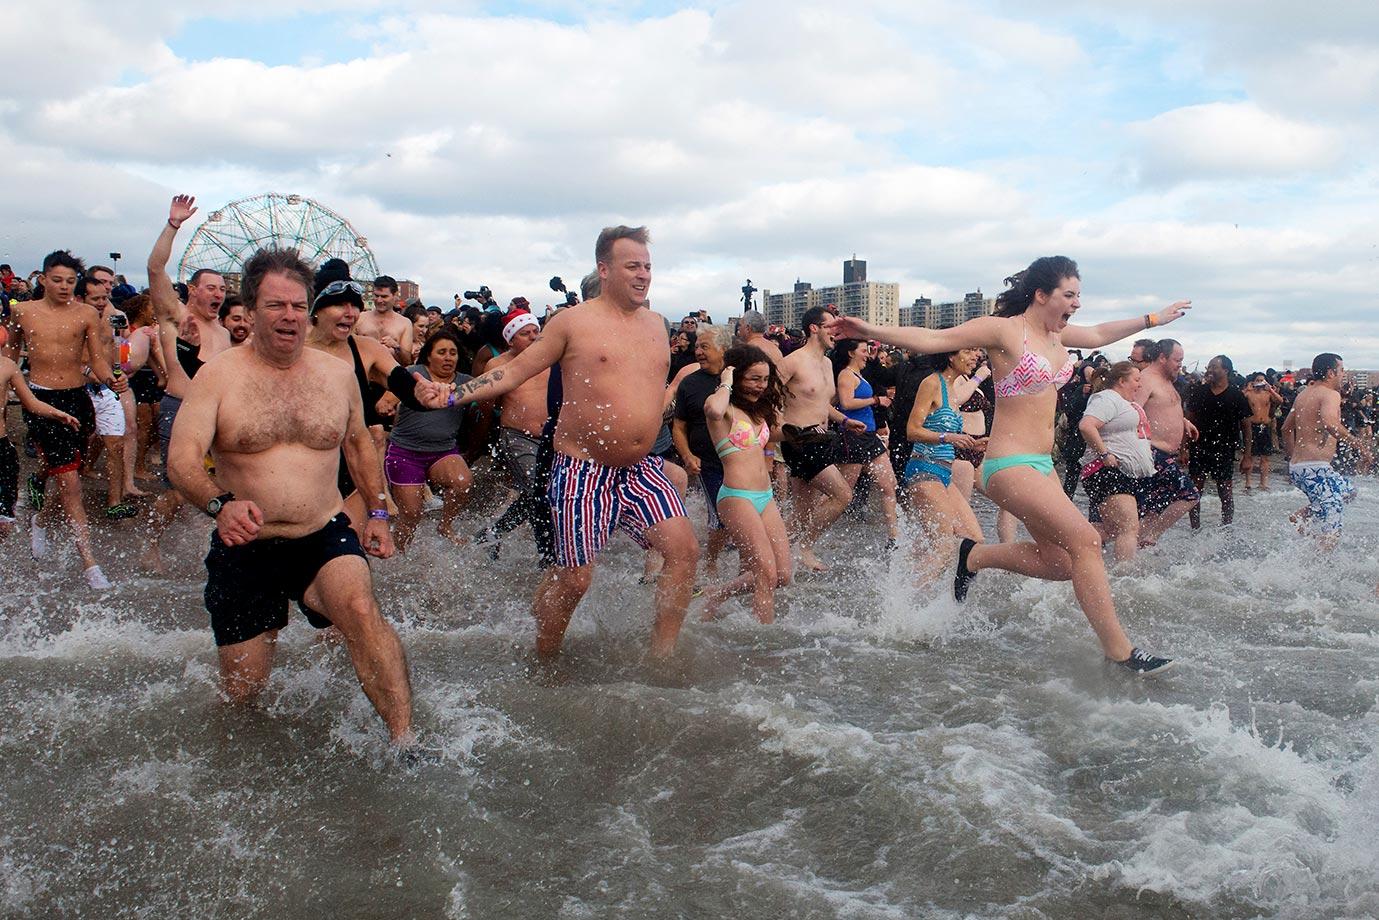 The annual Coney Island Polar Bear Club New Year's Day swim...